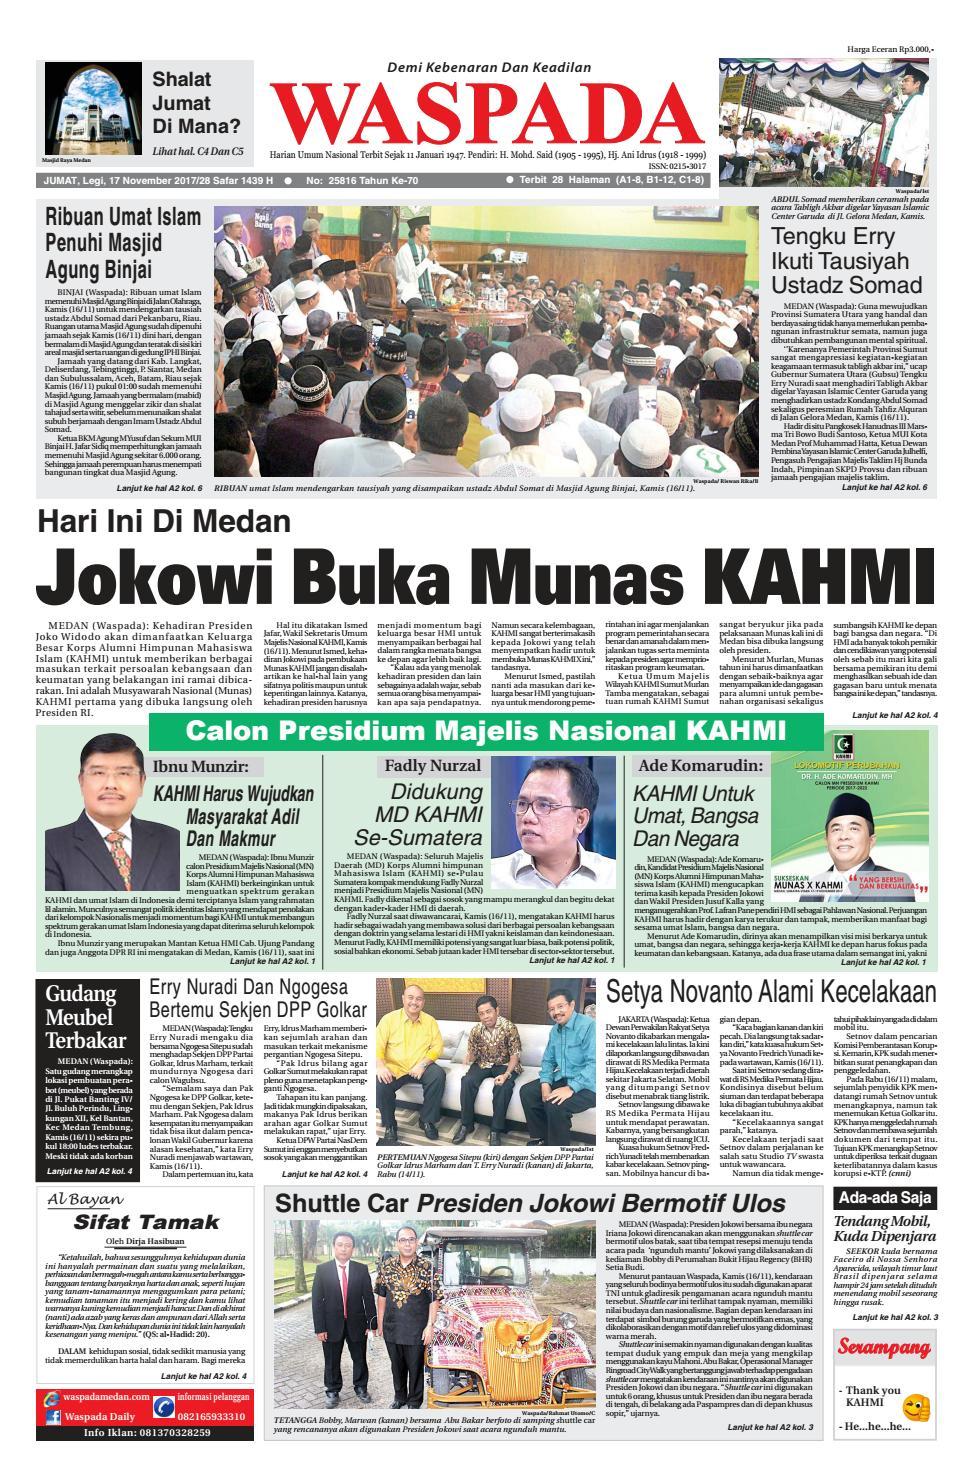 Waspada Jumat 17 November 2017 By Harian Waspada Issuu